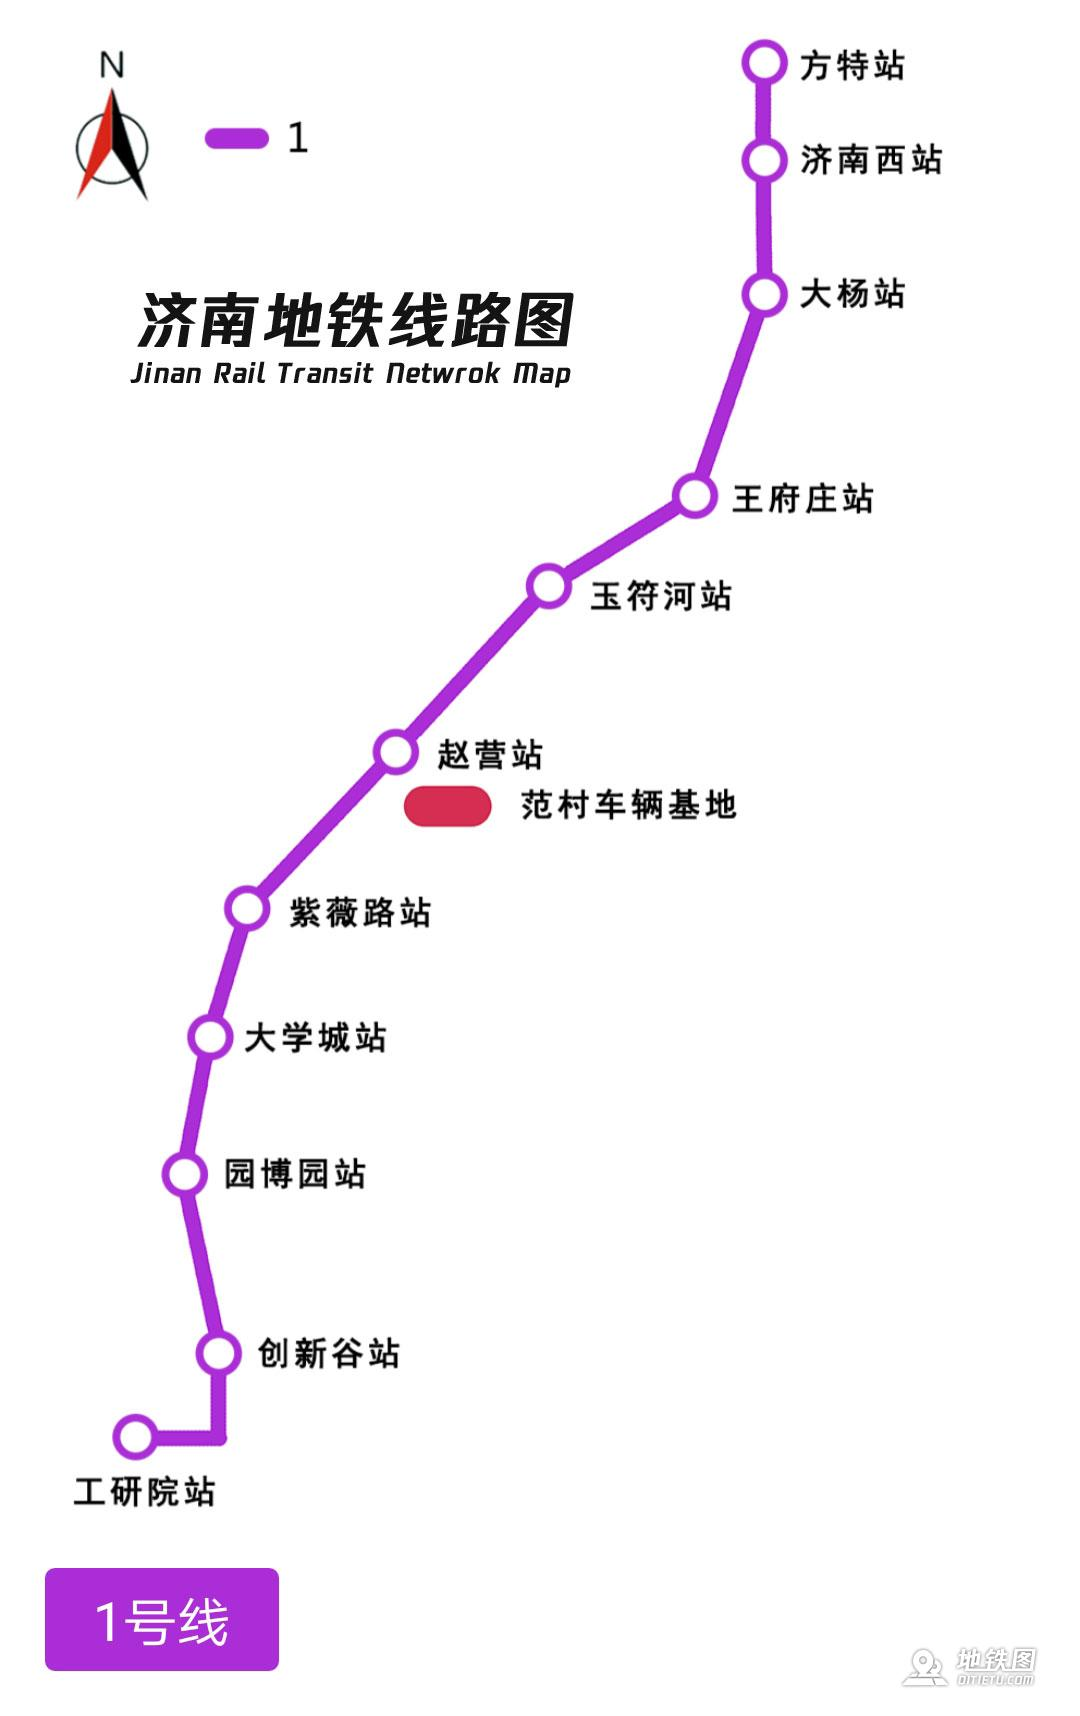 济南地铁线路图 运营时间票价站点 查询下载 济南地铁线路图 济南地铁票价 济南地铁运营时间 济南轨道交通 济南地铁 济南地铁线路图  第1张